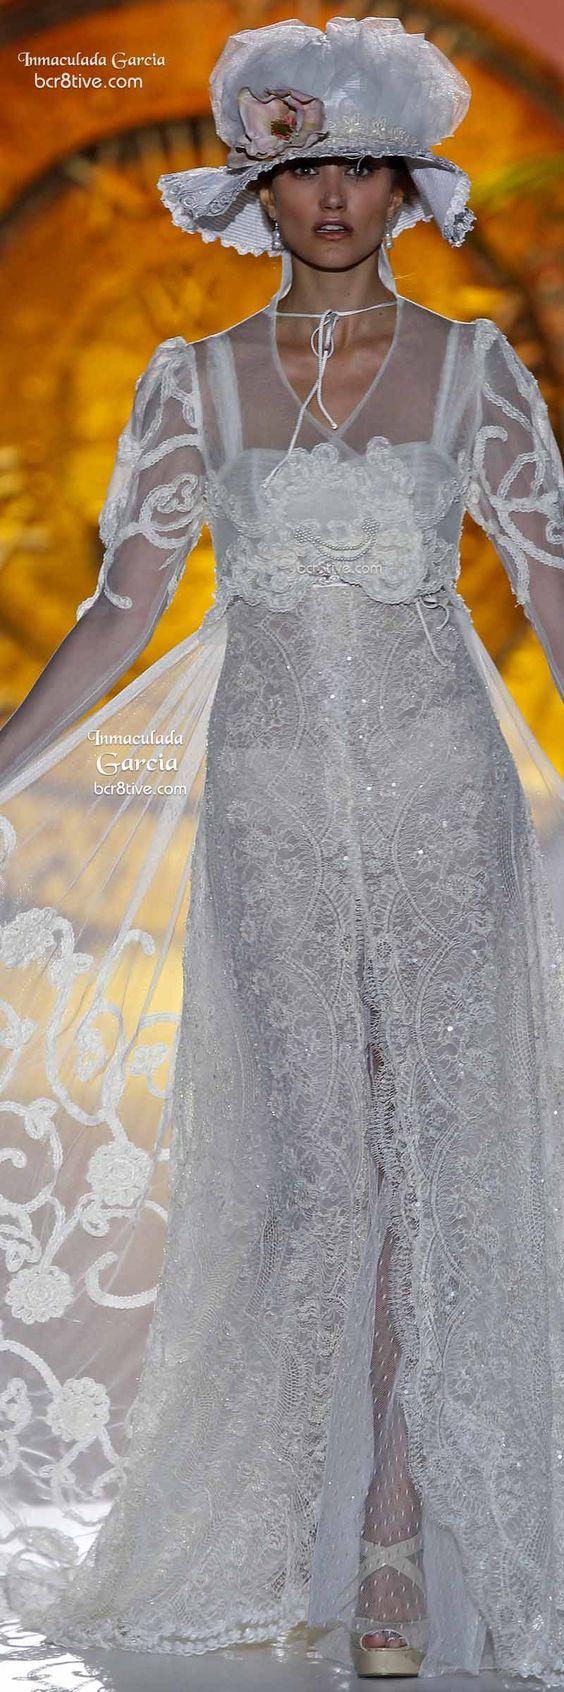 Inmaculada Garcia: Barcelona Bridal Week Spring 2015